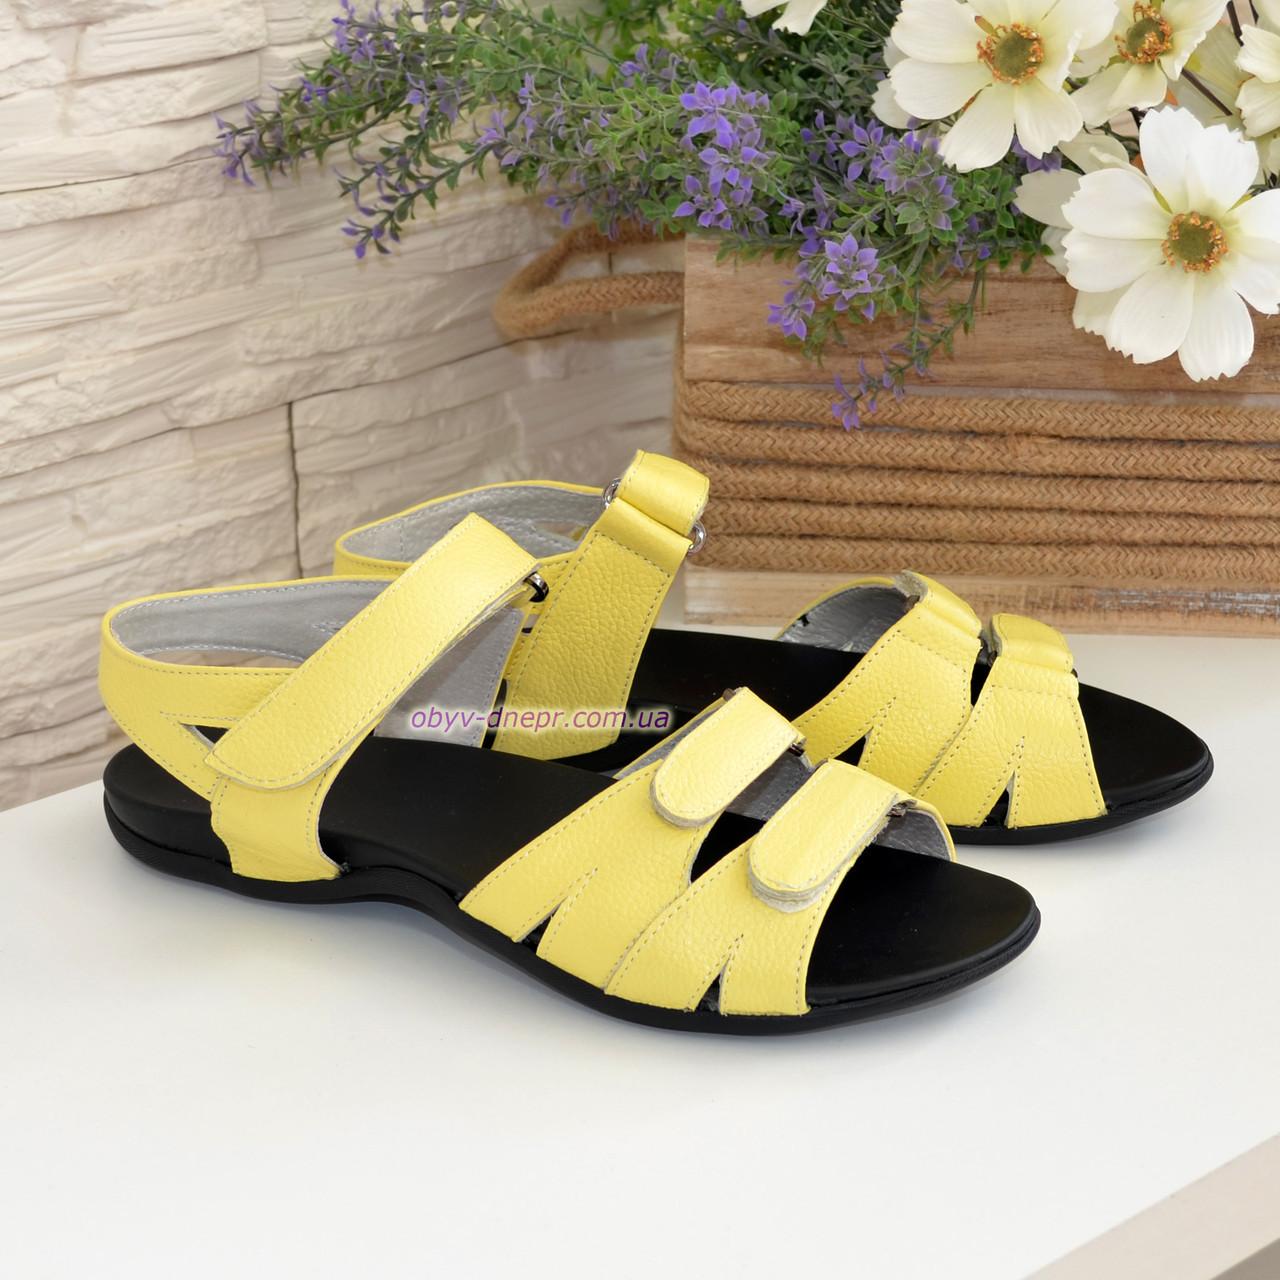 Женские босоножки на липучках из натуральной кожи флотар желтого цвета, плоская подошва